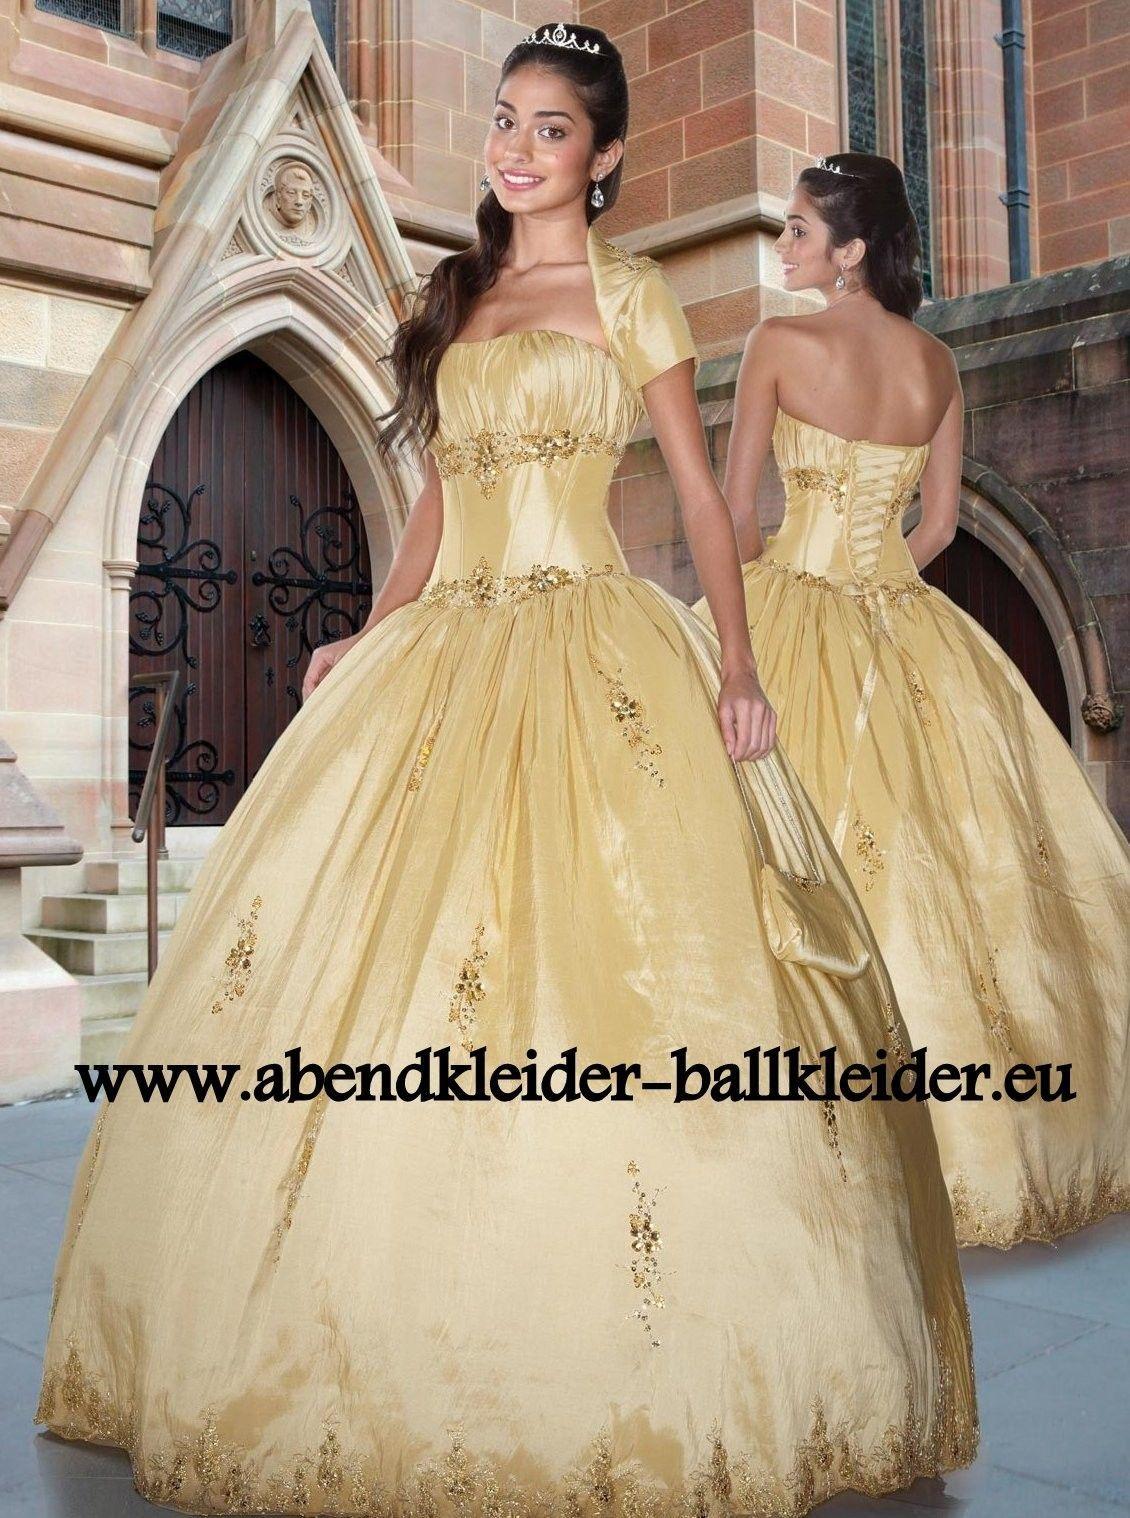 Pin auf Ballkleider - Abendkleider 19 Trends Online